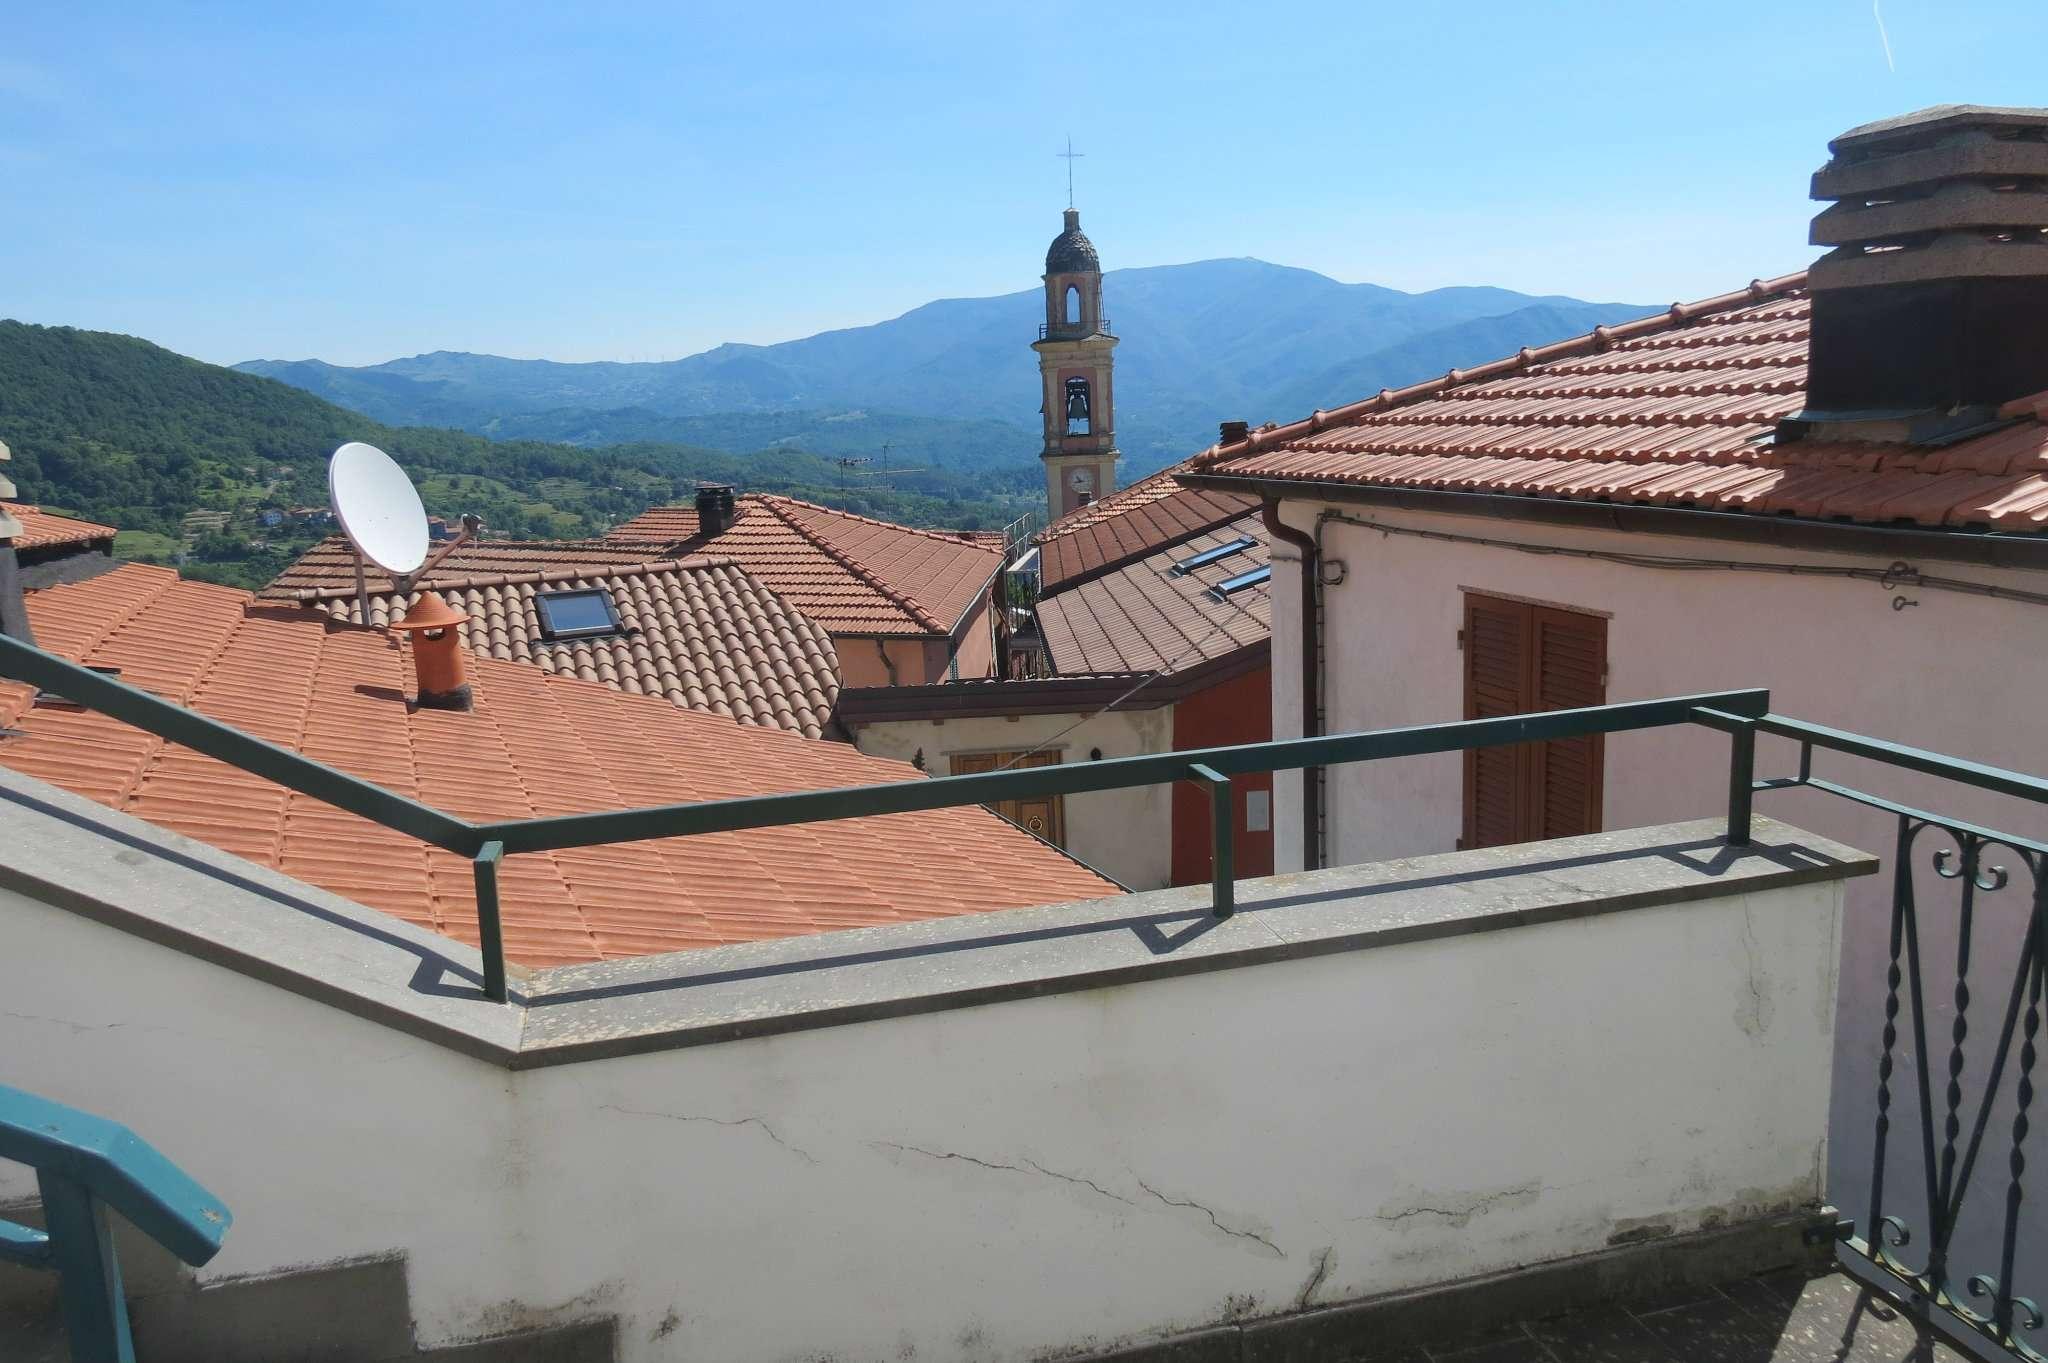 Palazzo / Stabile in vendita a Maissana, 9 locali, prezzo € 65.000 | CambioCasa.it